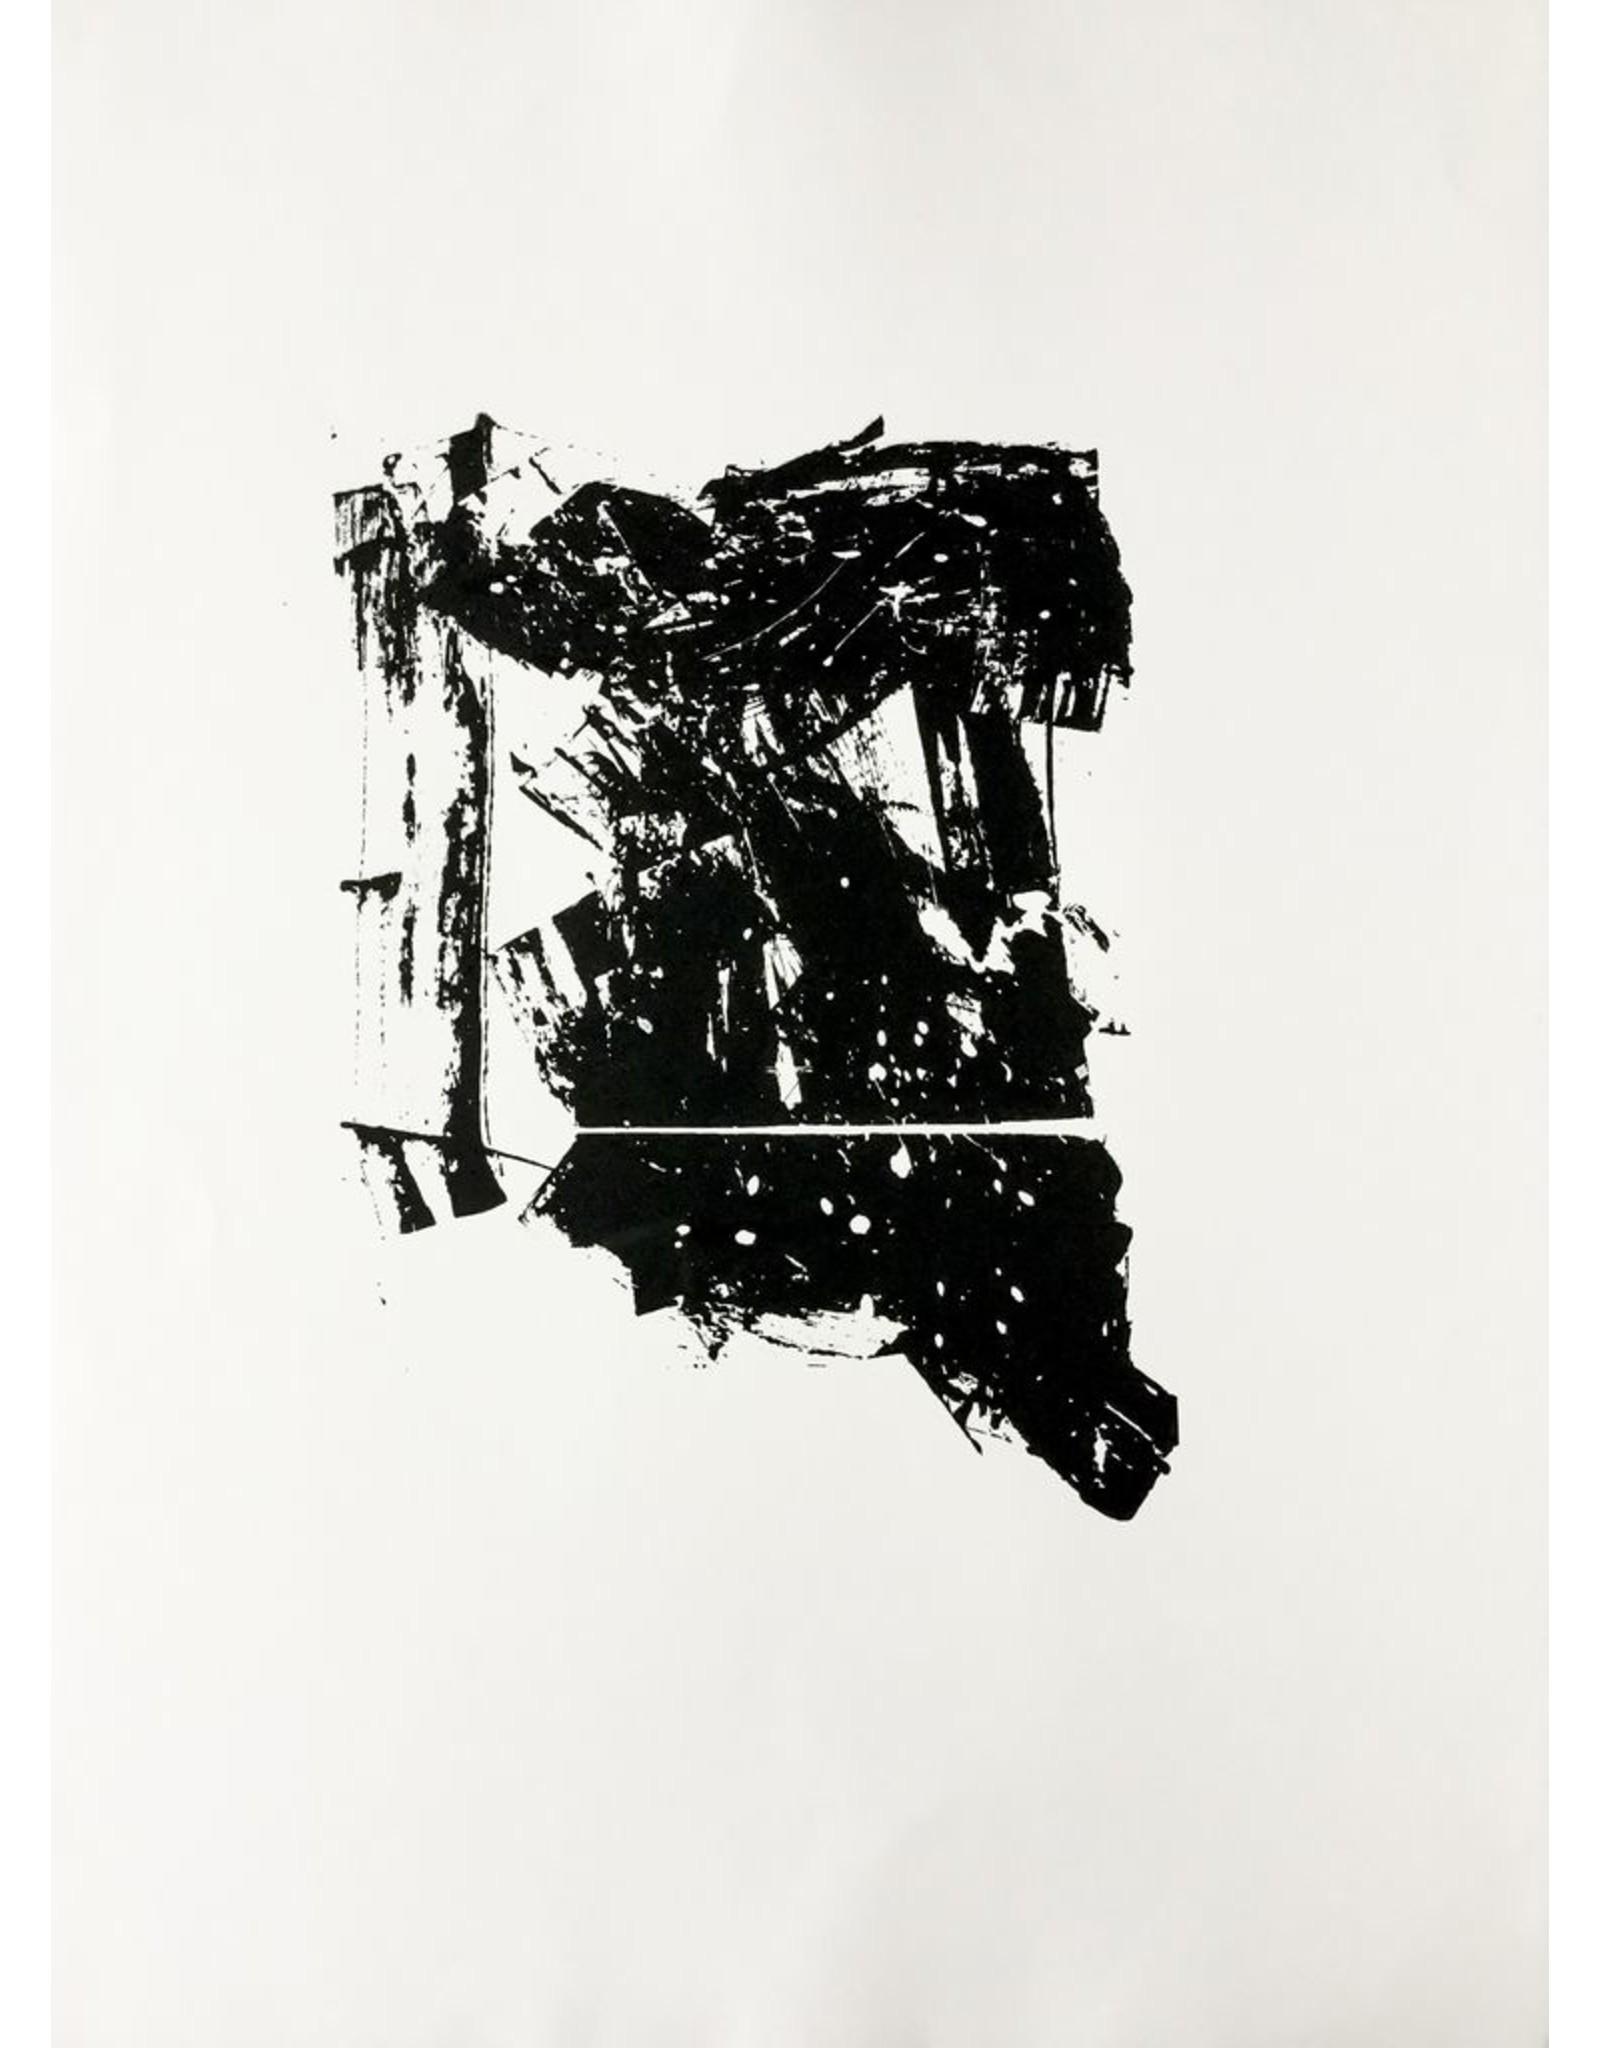 Wood, Eric Untitled